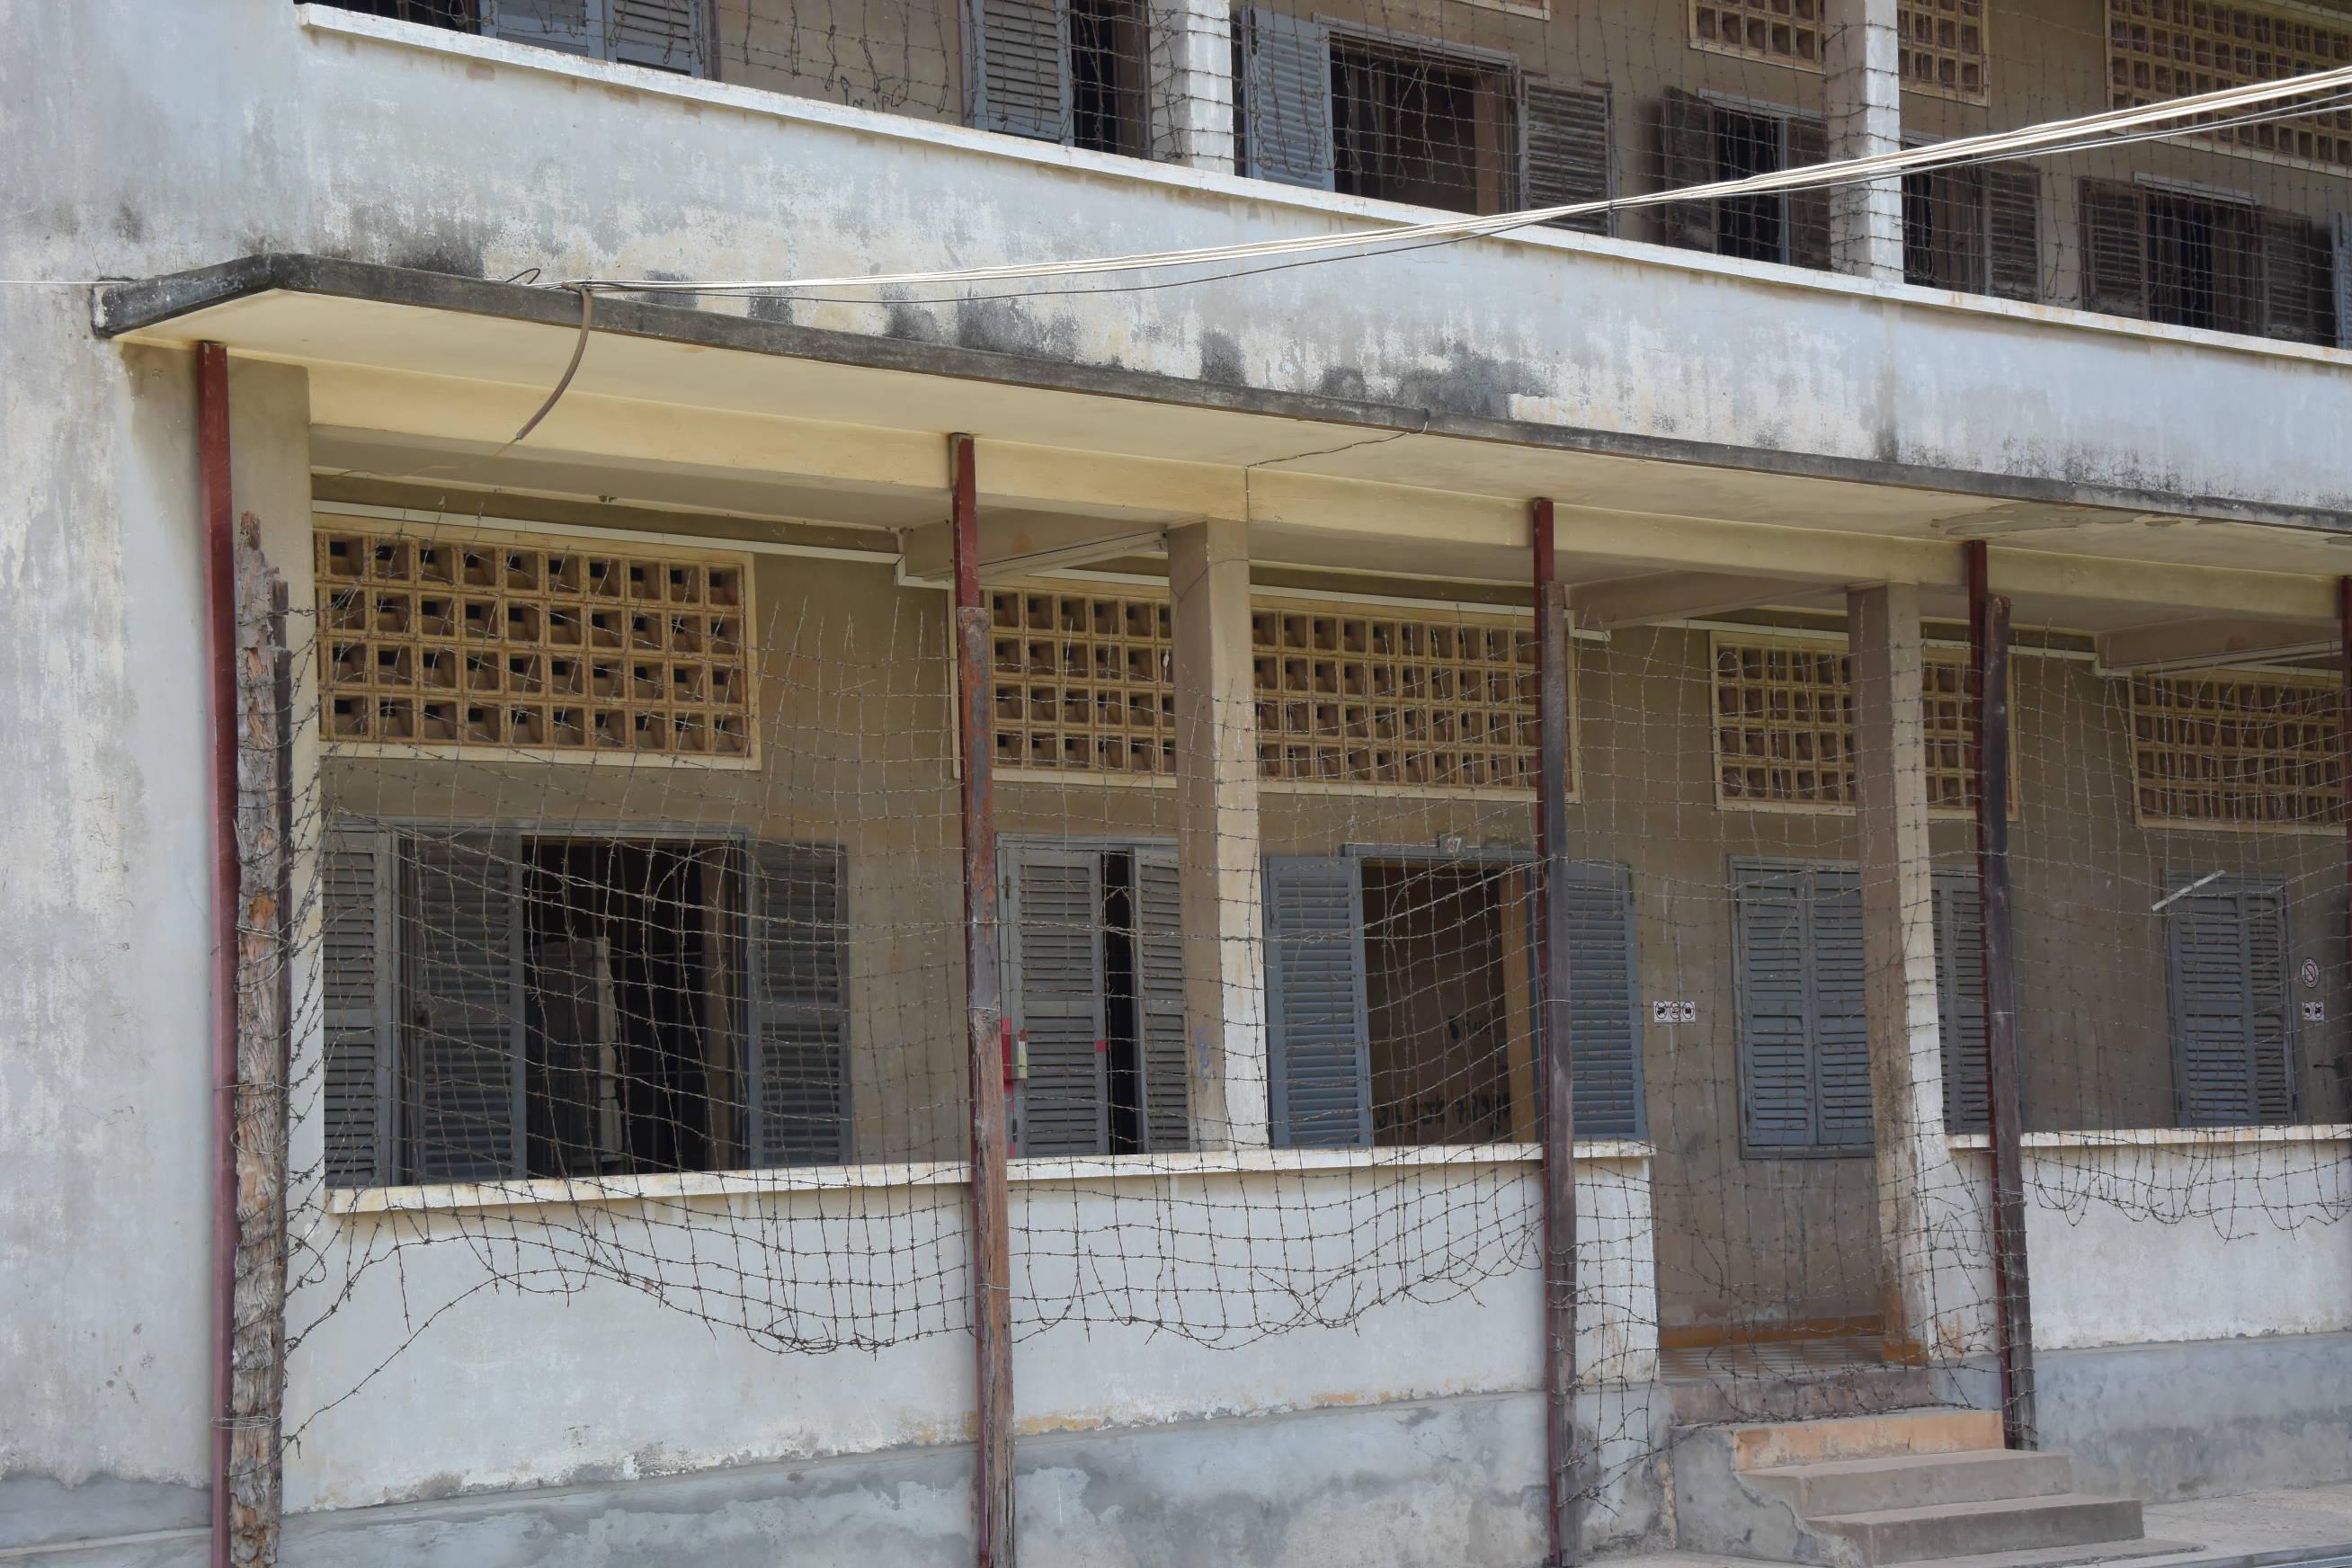 Musée S21 à Phnom Penh au Cambodge 1